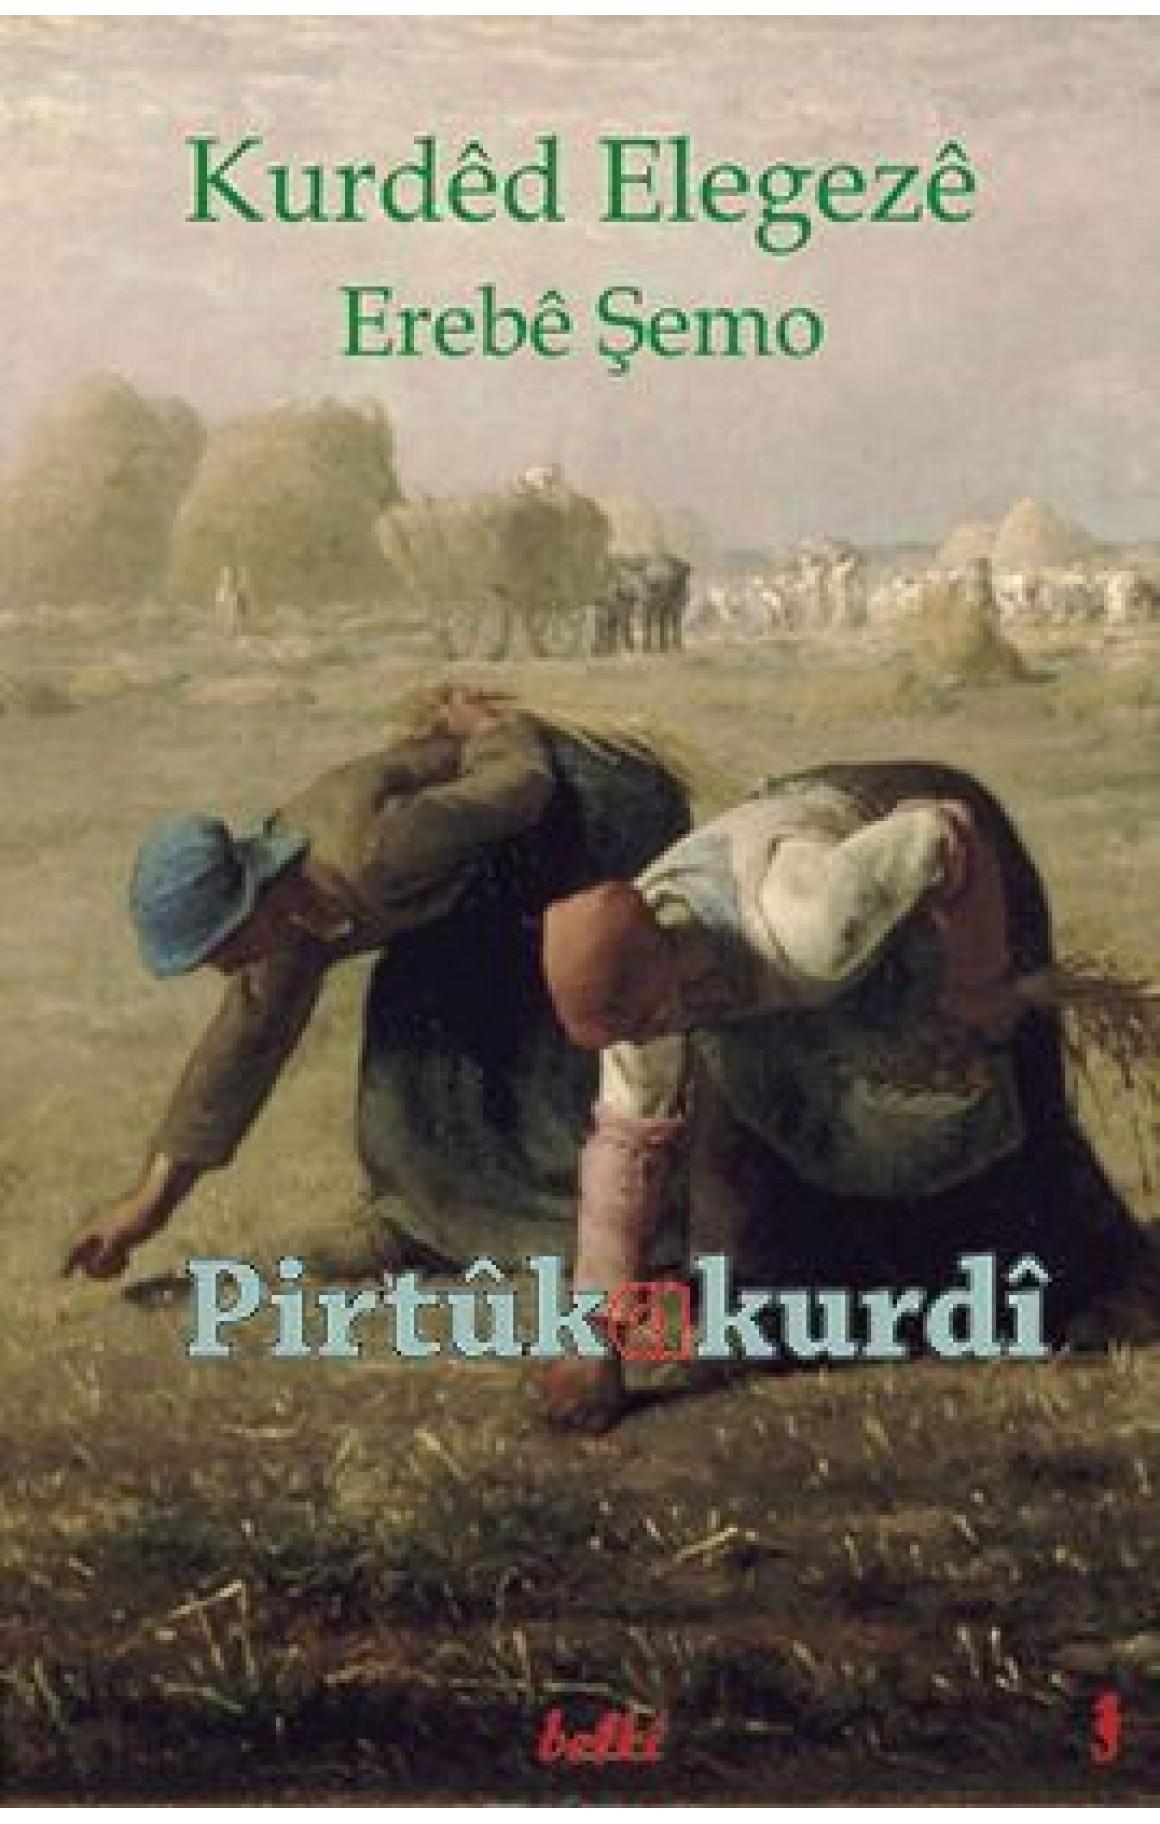 Kurdêd Elegezê